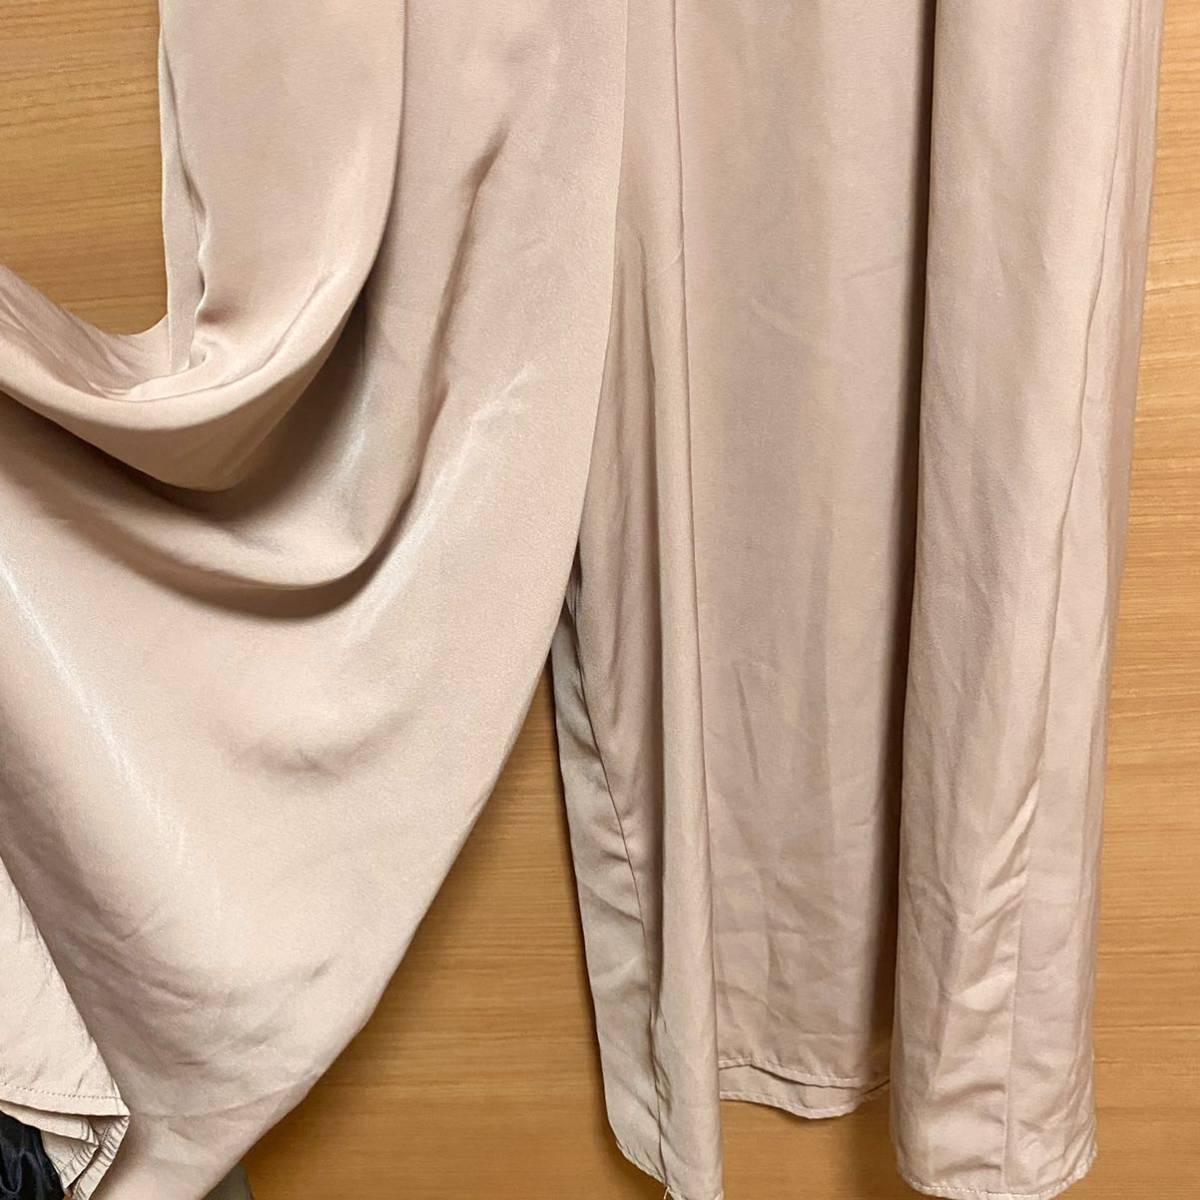 オールインワン/サロペット/オーバーオール/ピンク/くすみピンク/大人可愛い/パンツ/ズボン/レディース/M/M/大人ピンク/可愛い/美品